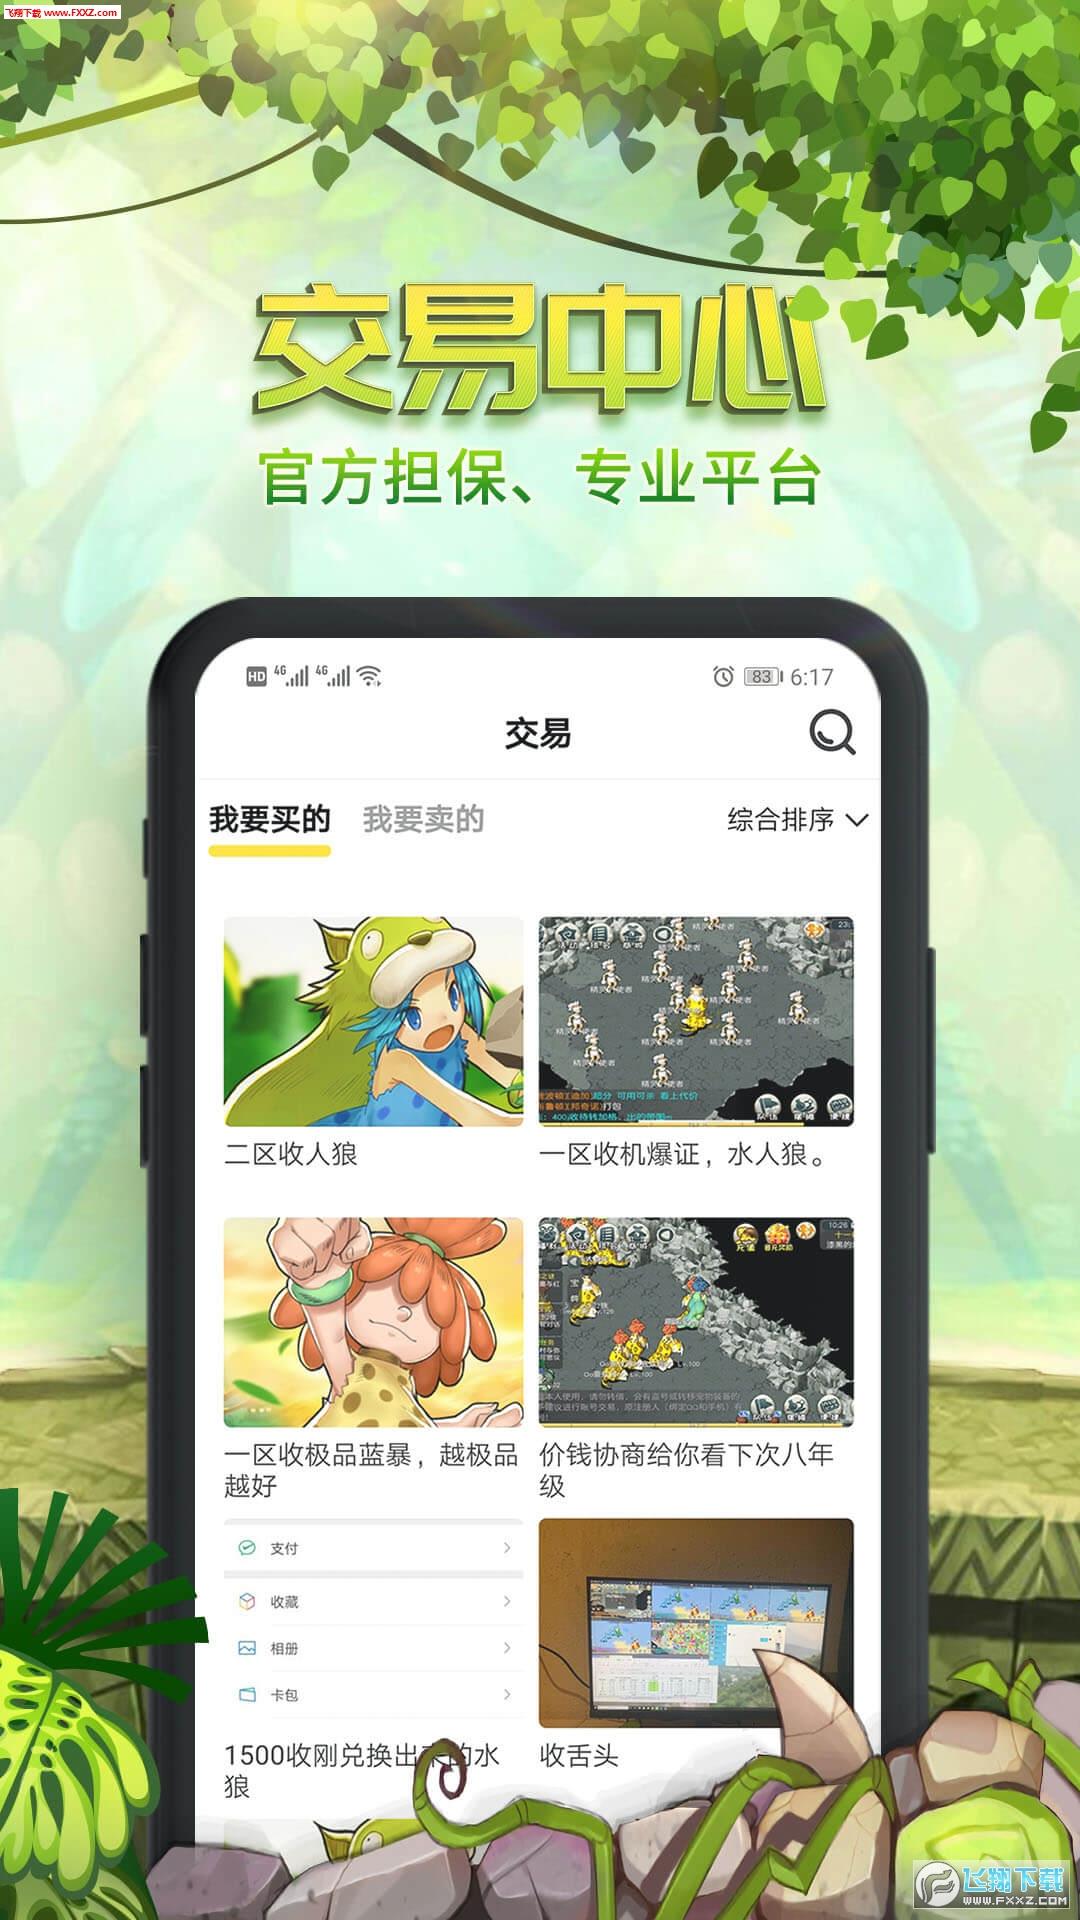 石器盒子app官方版1.3.1截图2